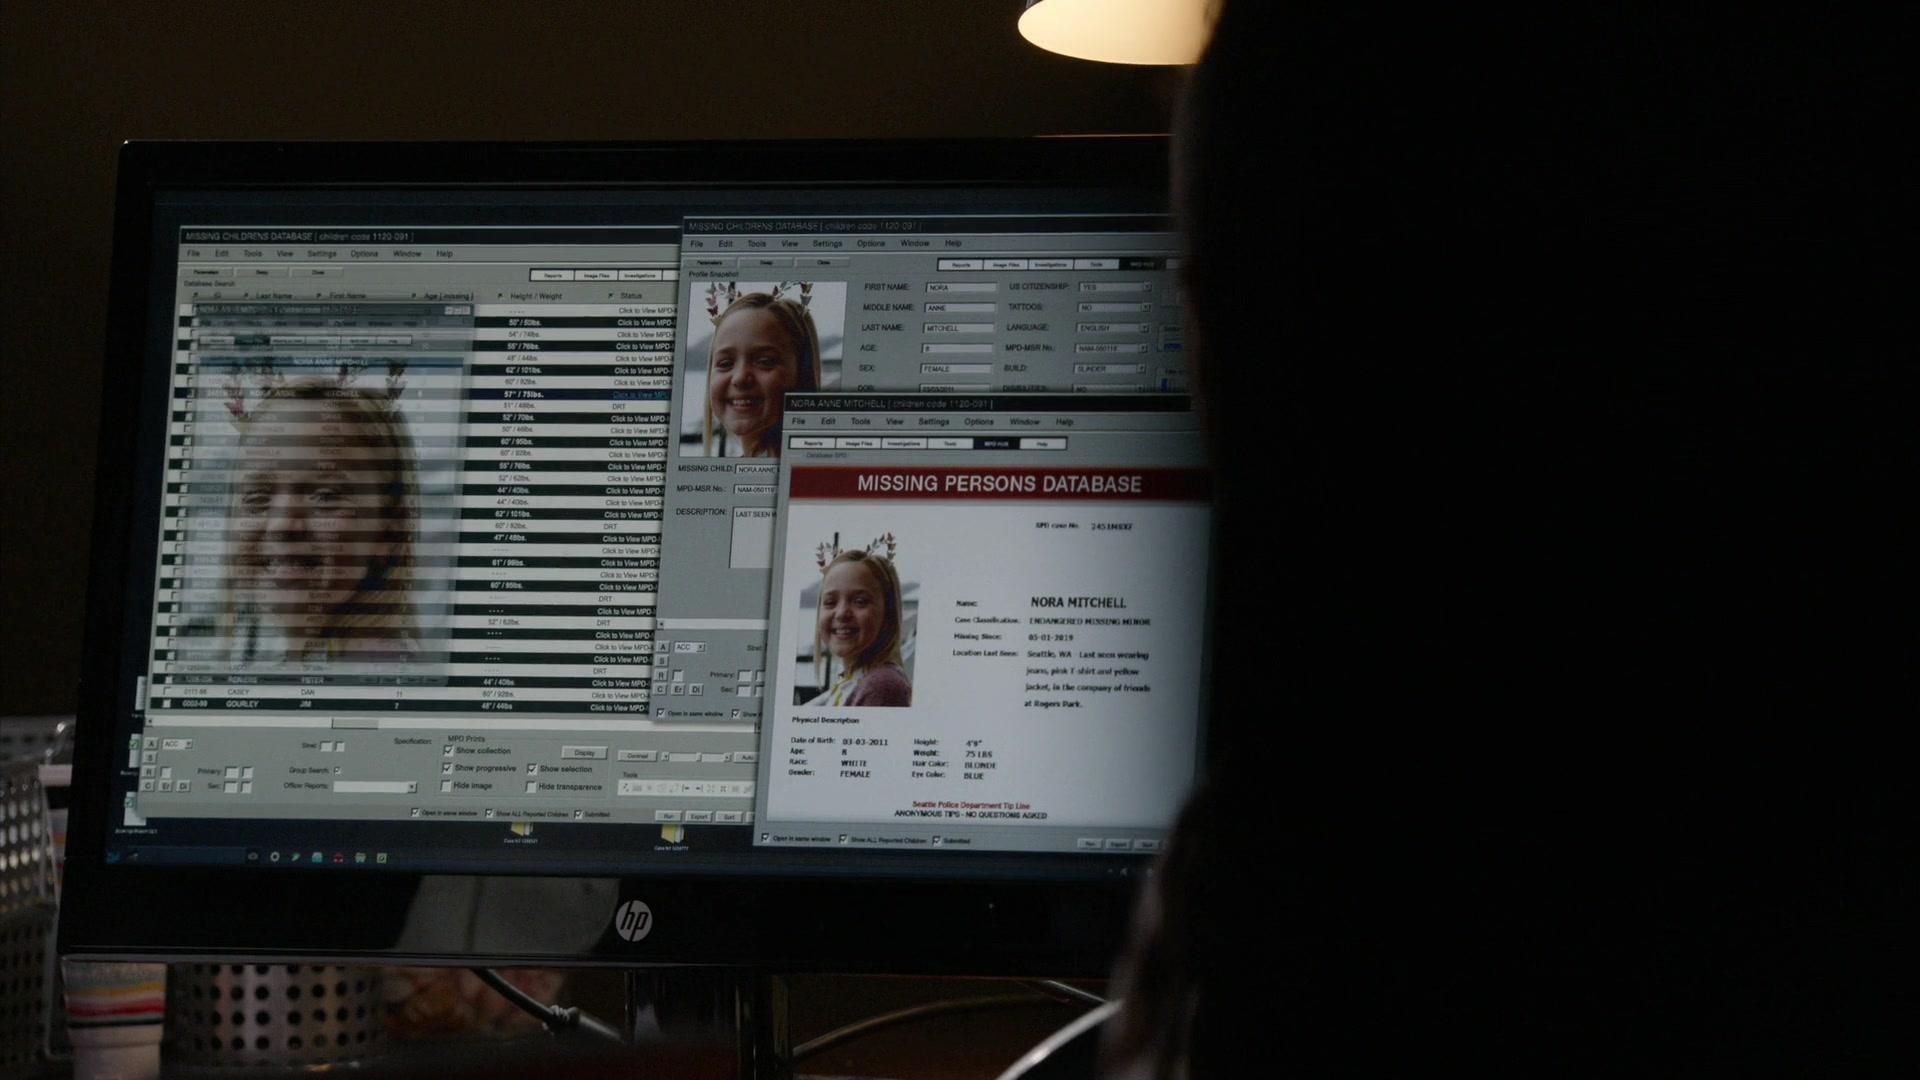 HP Monitor in The Blacklist - Season 6, Episode 20, Guillermo Rizal